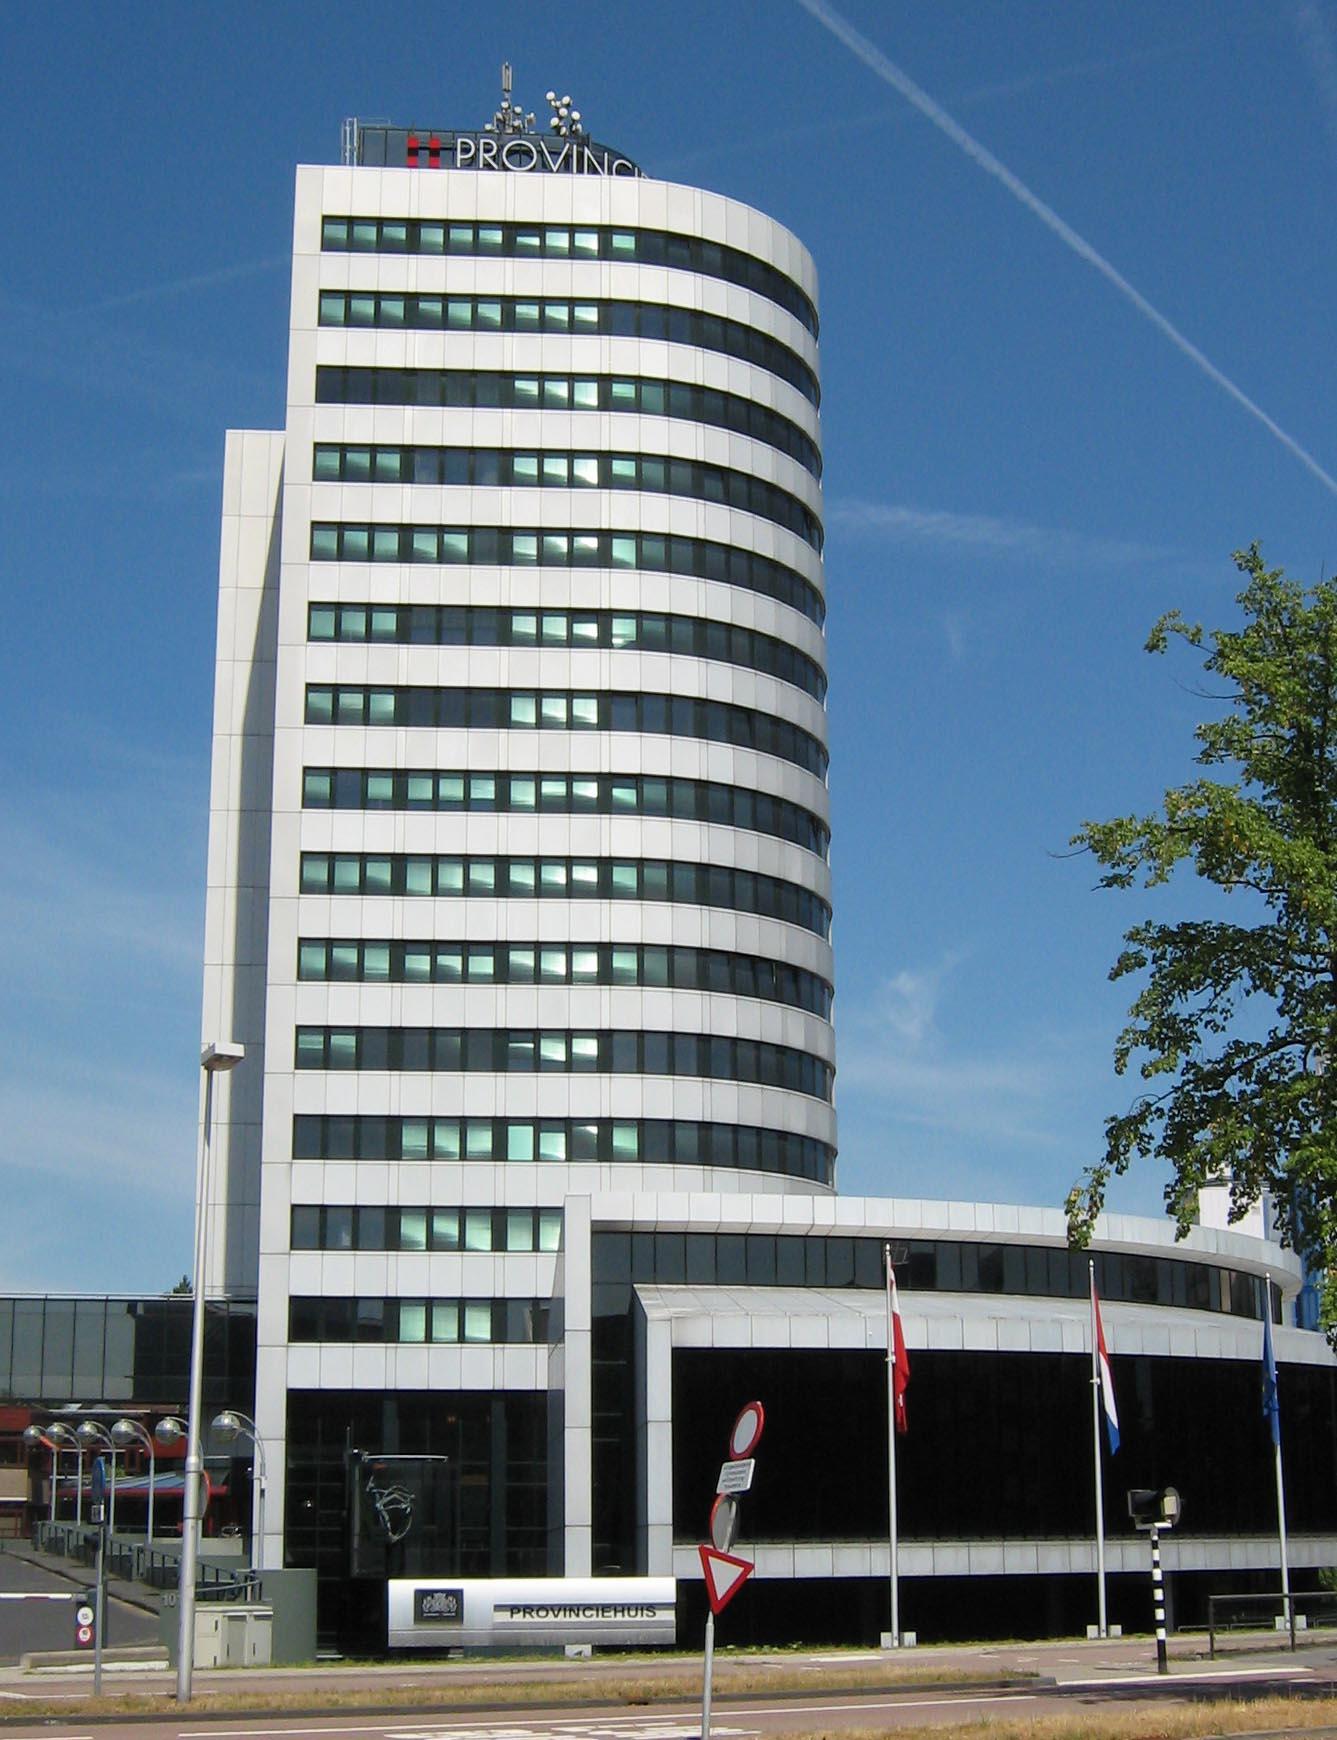 Provinciehuis Utrecht. Beeld van Deelnemer8 via Wikipedia